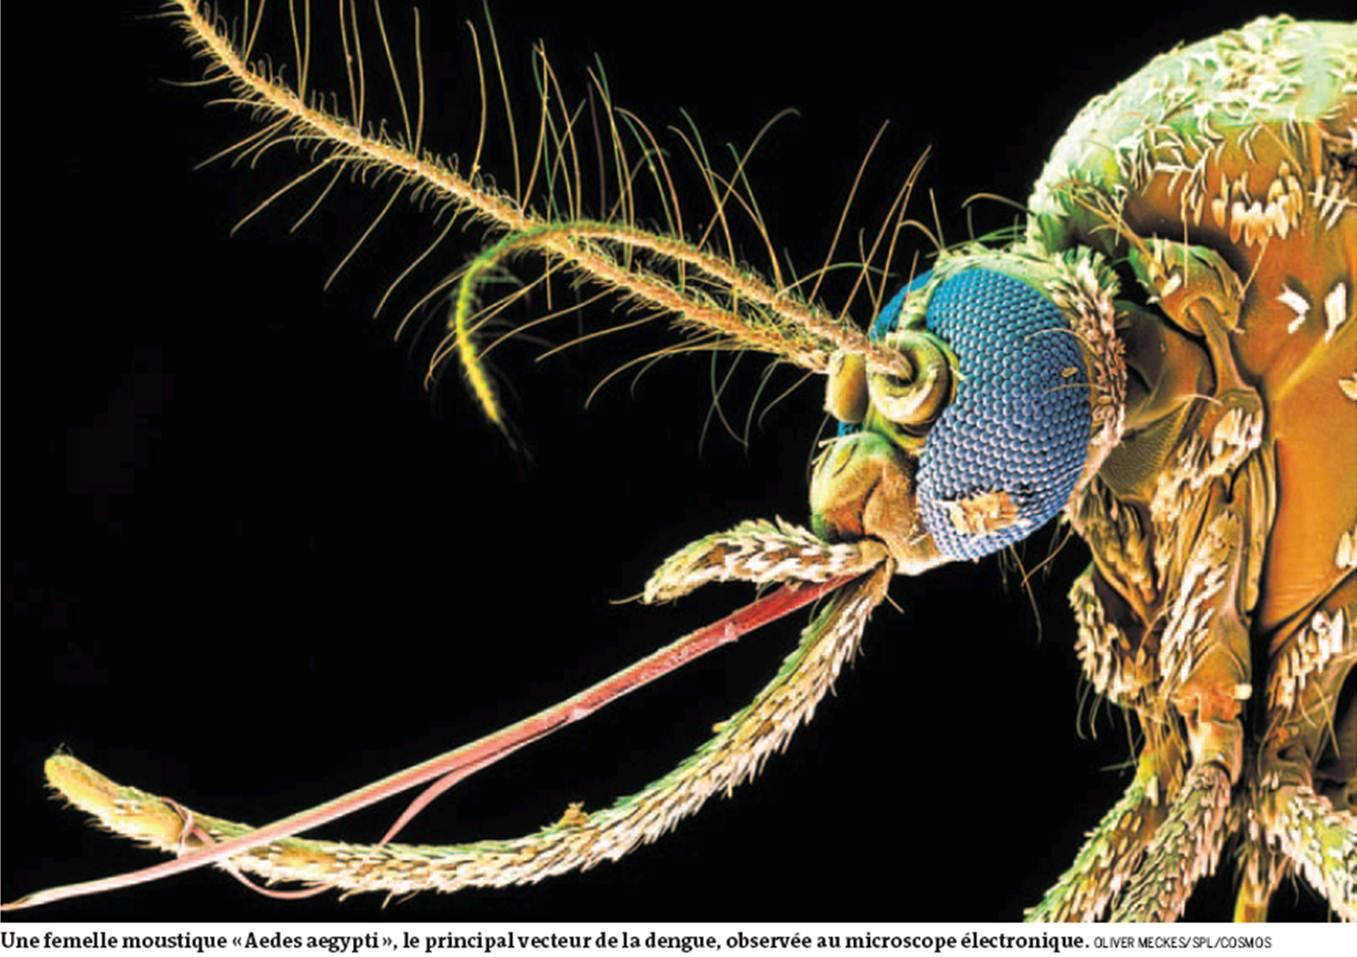 dengue mosquito bite